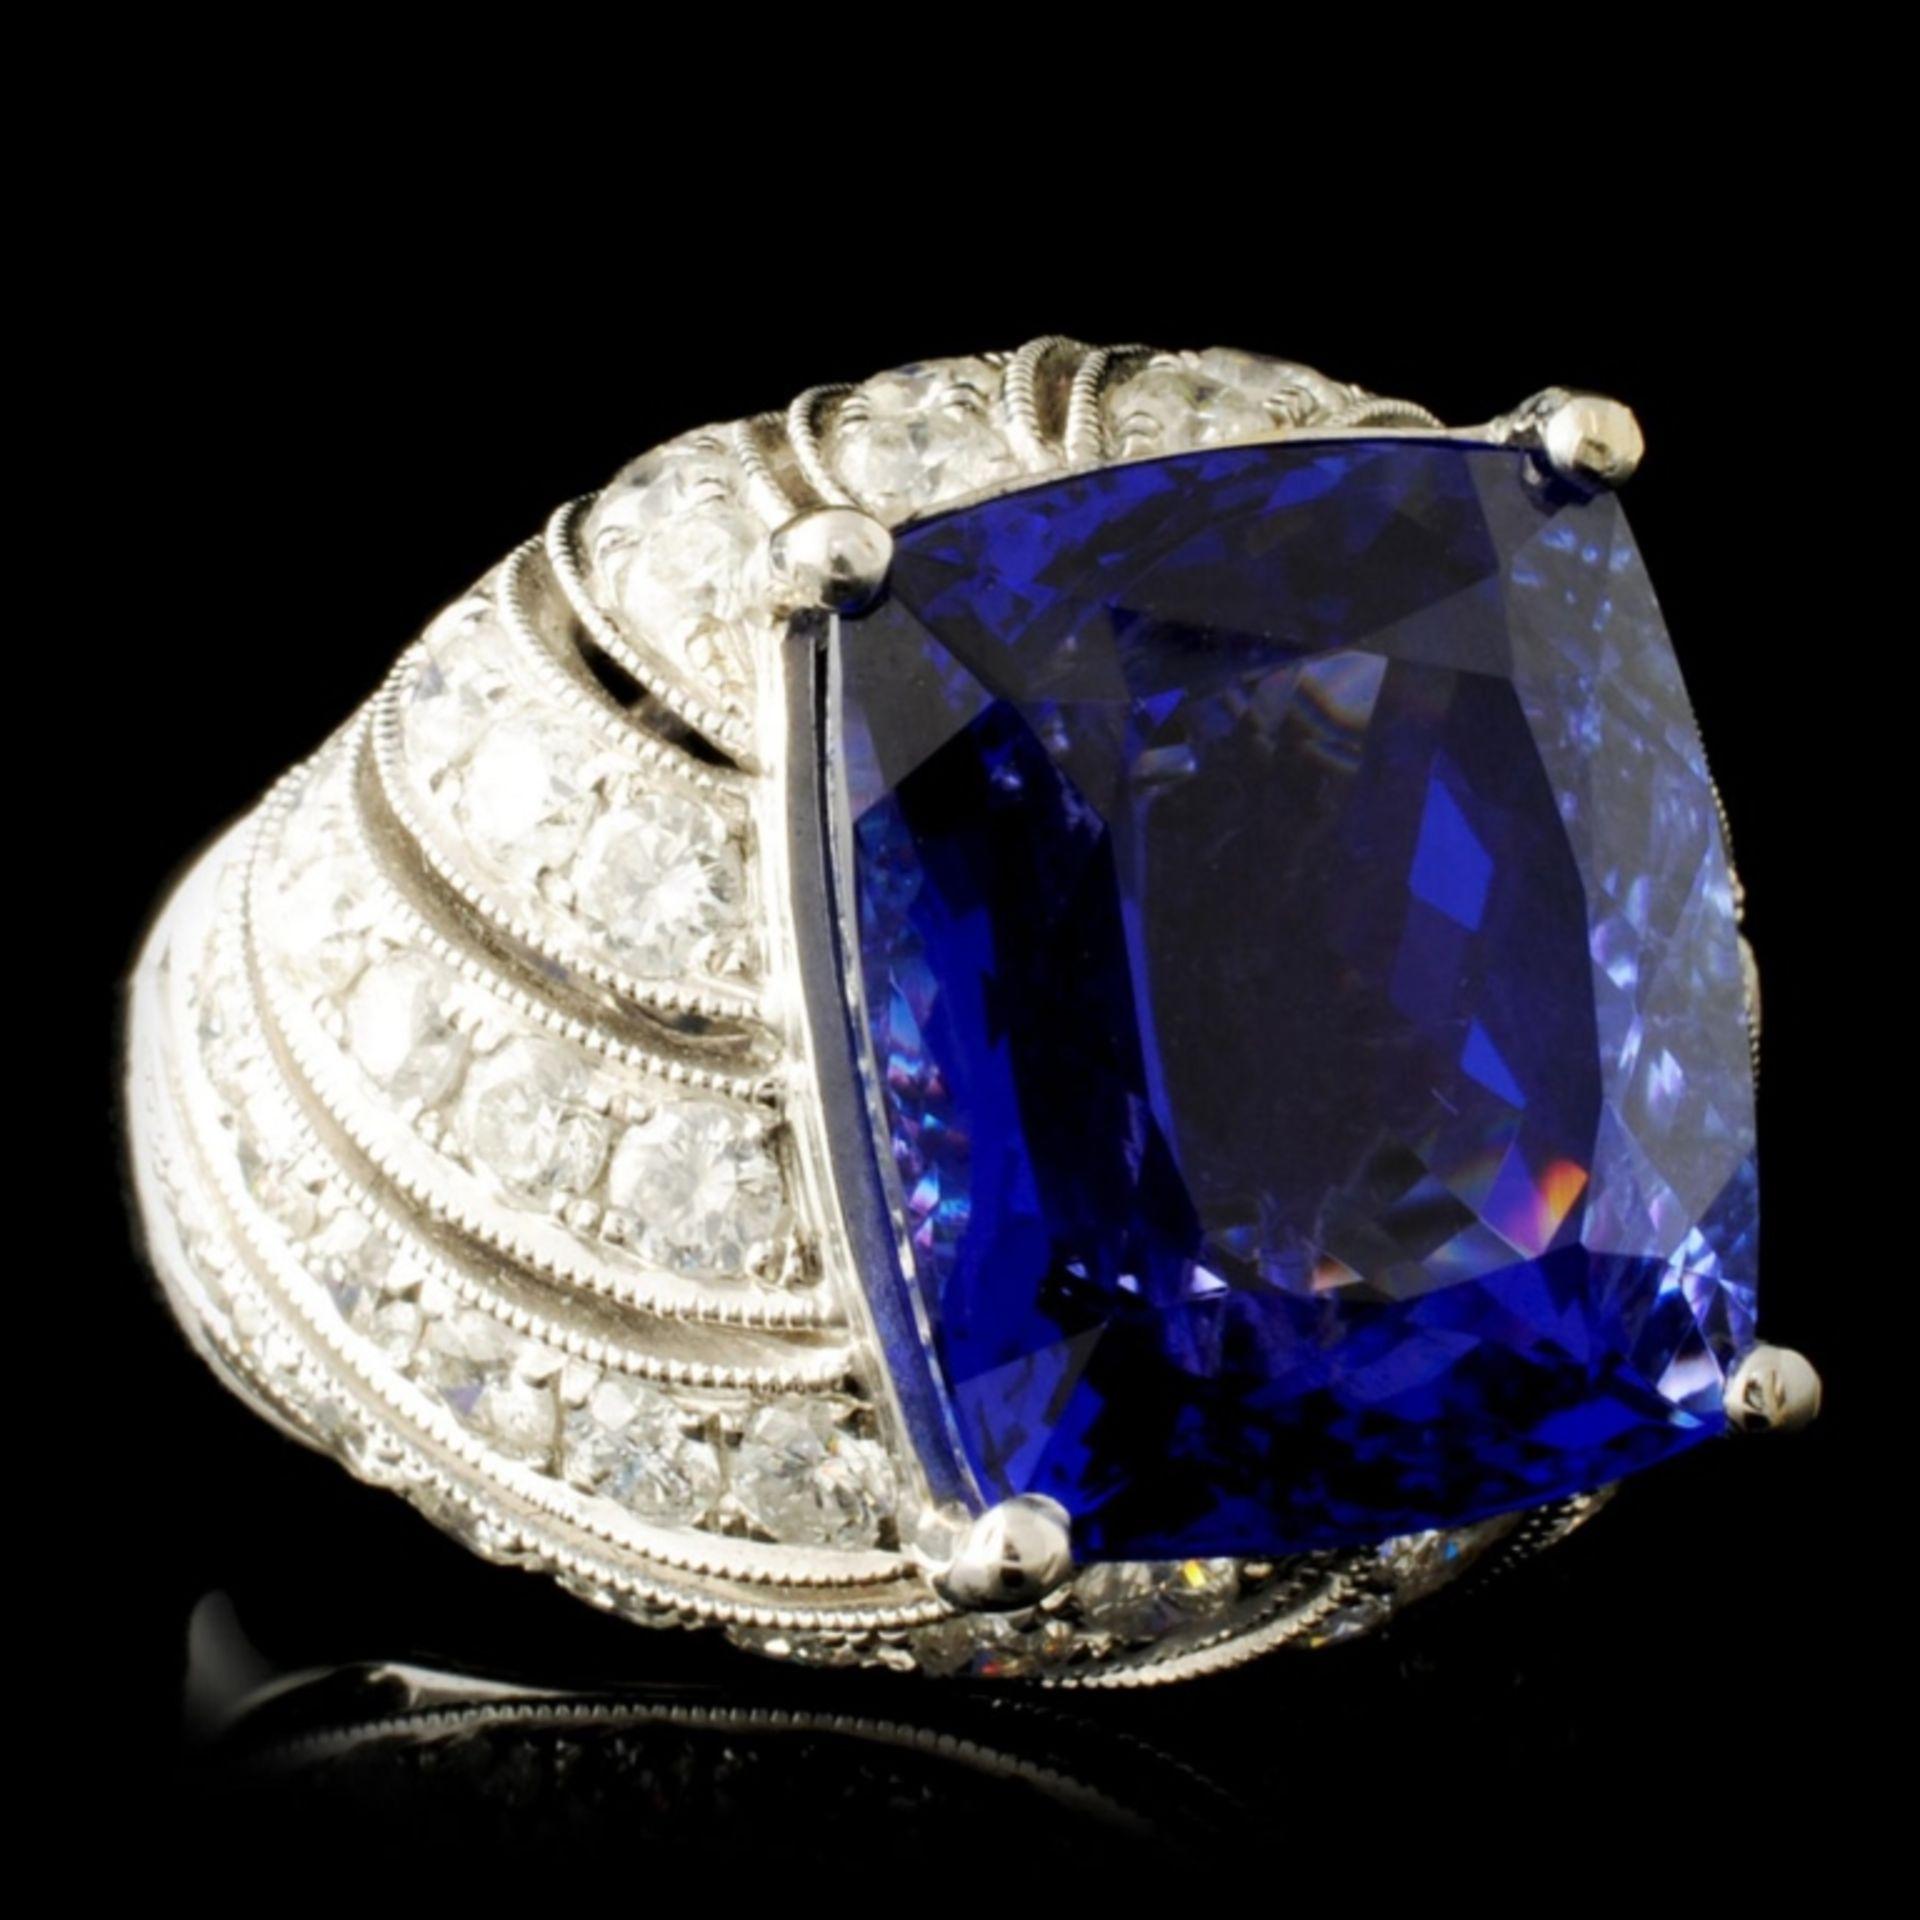 18K Gold 16.72ct Tanzanite & 2.78ctw Diamond Ring - Image 3 of 6